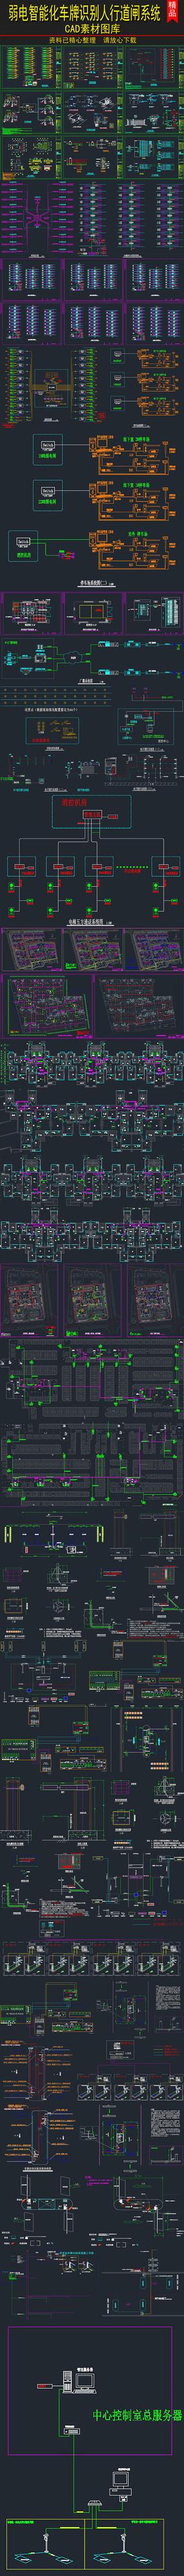 弱电智能化车牌识别人行道闸系统CAD素材